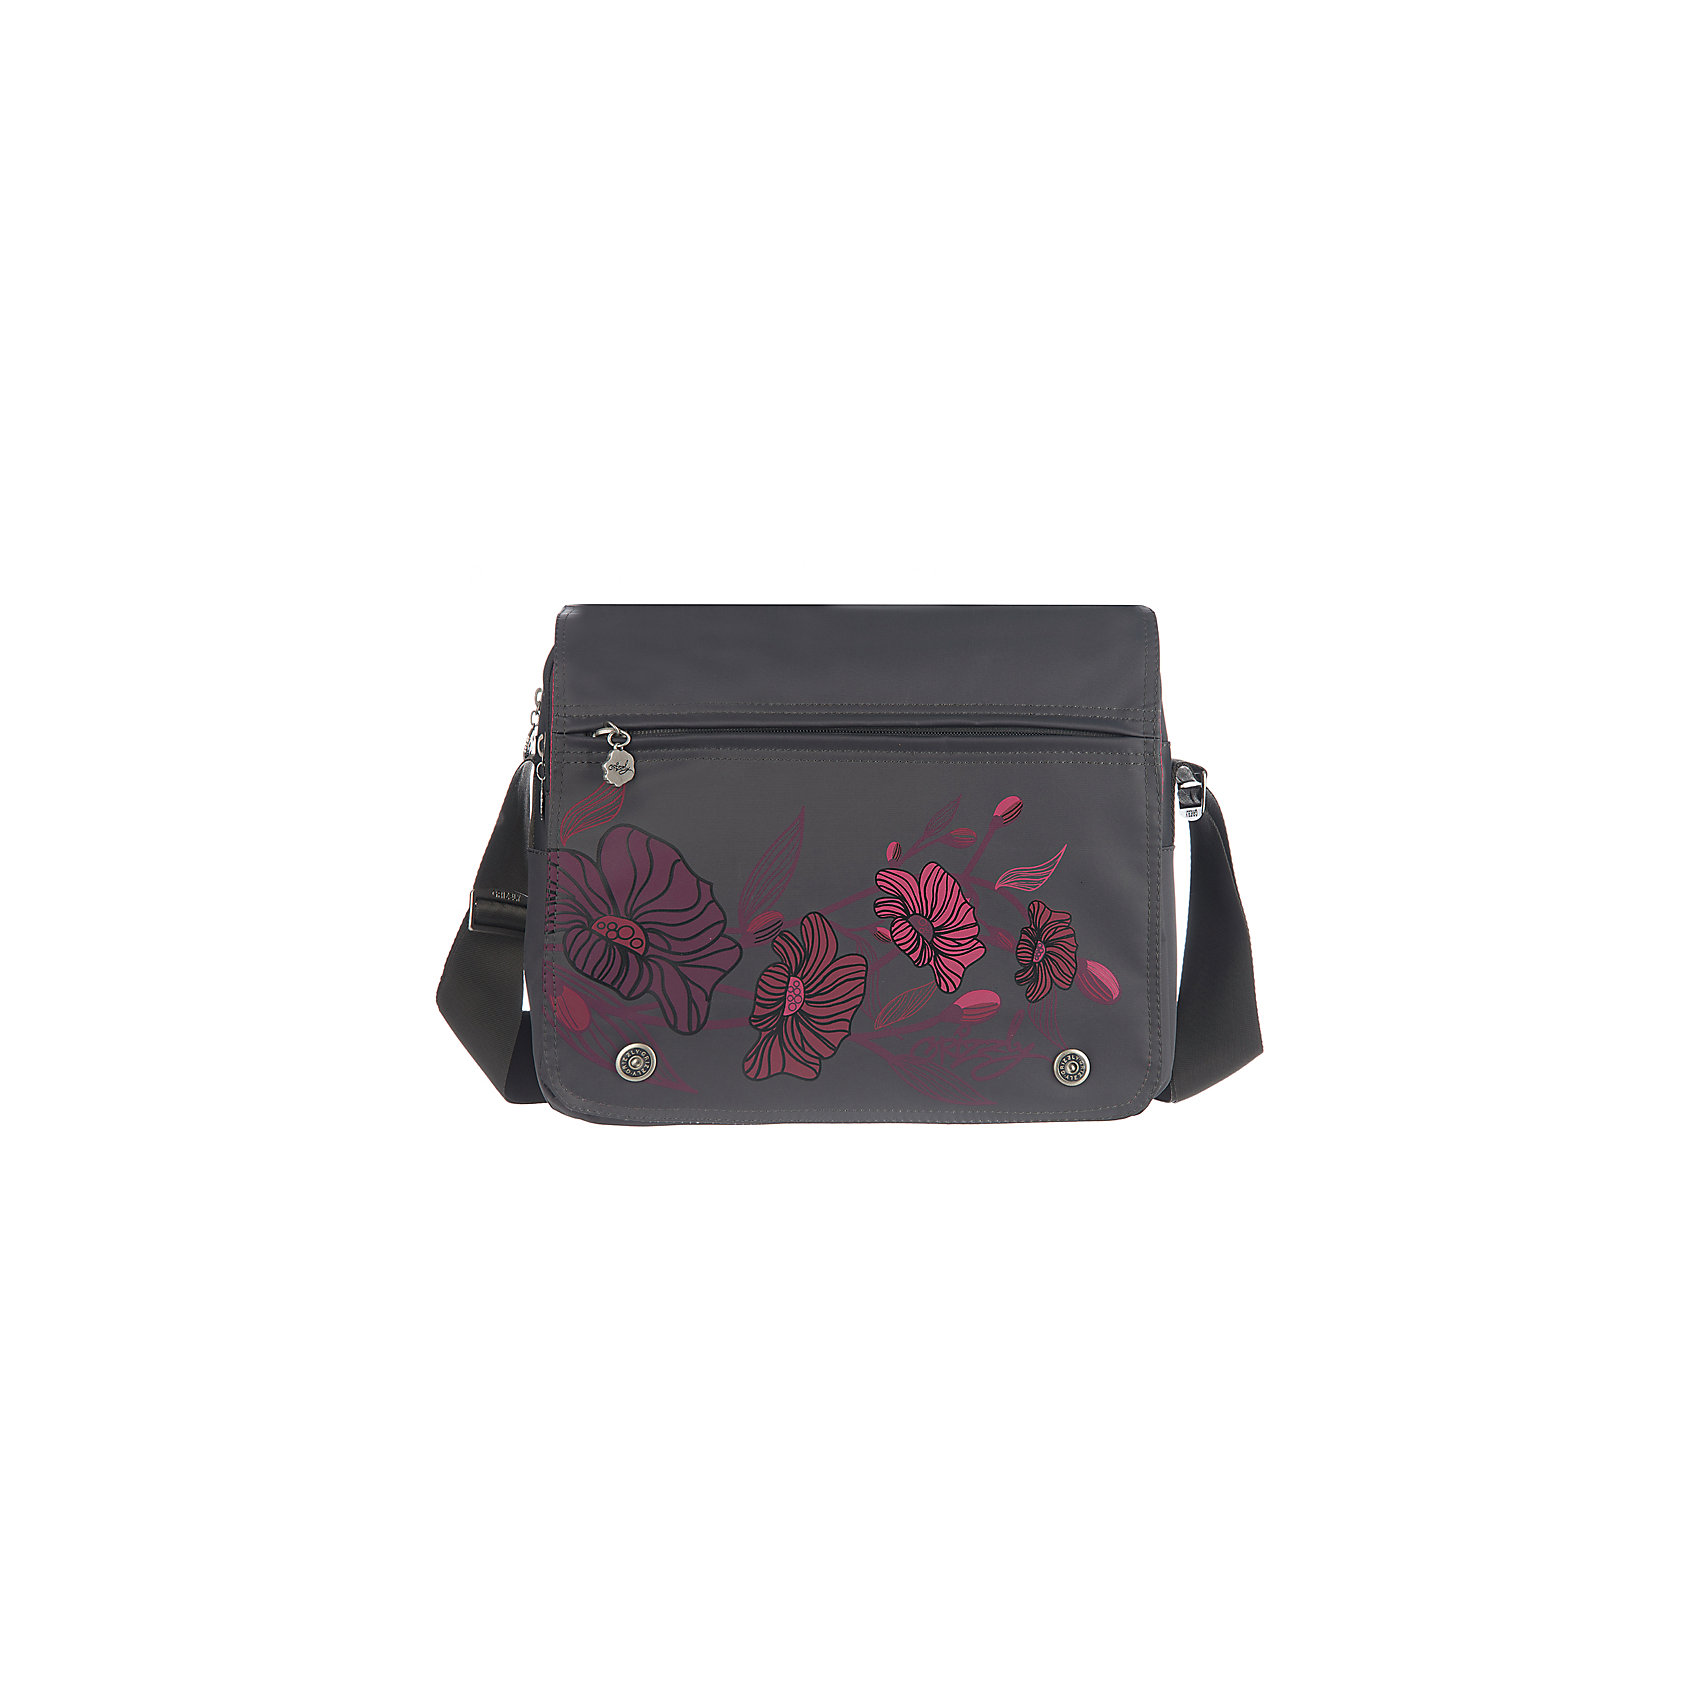 Сумка школьная Grizzly, темно-серыйШкольные сумки<br>Молодежная сумка, два отделения, клапан на магнитных кнопках с карманом на молнии, пенал для карандашей на передней стенке, передний карман, плоский передний карман на молнии, задний карман на молнии, внутренний карман на молнии, регулируемый плечевой ремень<br><br>Ширина мм: 330<br>Глубина мм: 140<br>Высота мм: 280<br>Вес г: 651<br>Возраст от месяцев: 120<br>Возраст до месяцев: 2147483647<br>Пол: Мужской<br>Возраст: Детский<br>SKU: 6939814